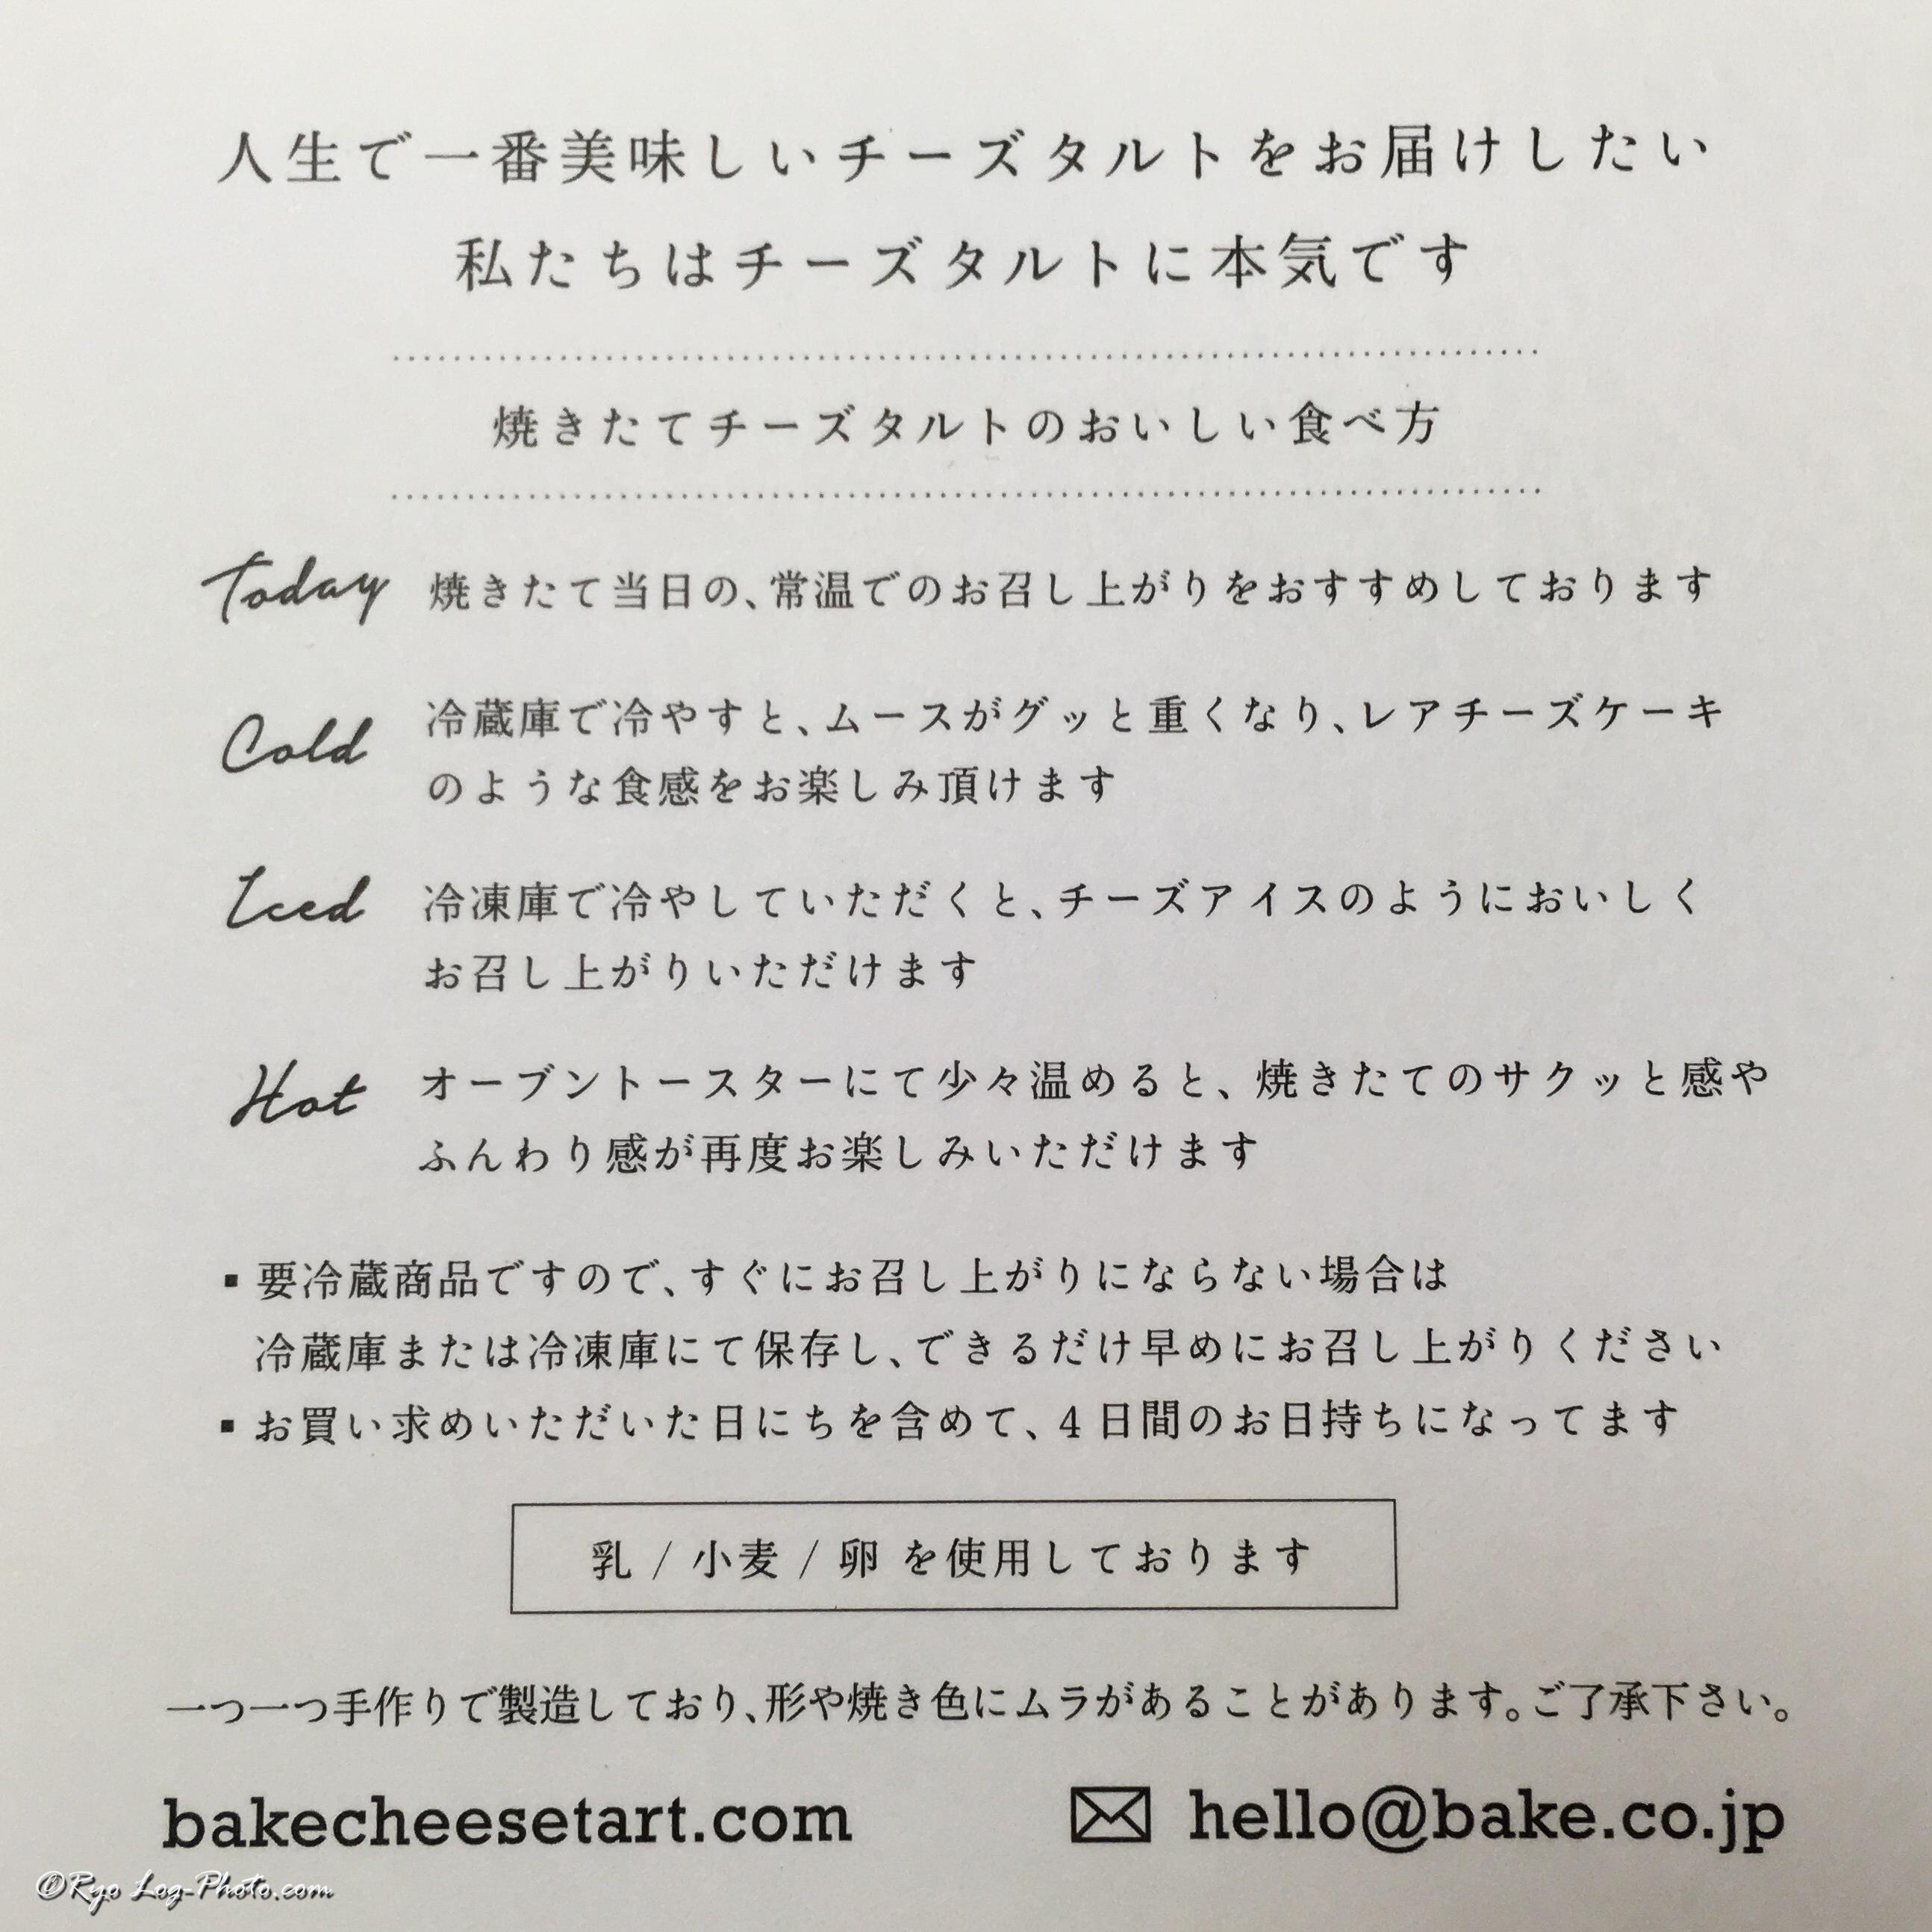 ベイク、チーズタルトの食べ方